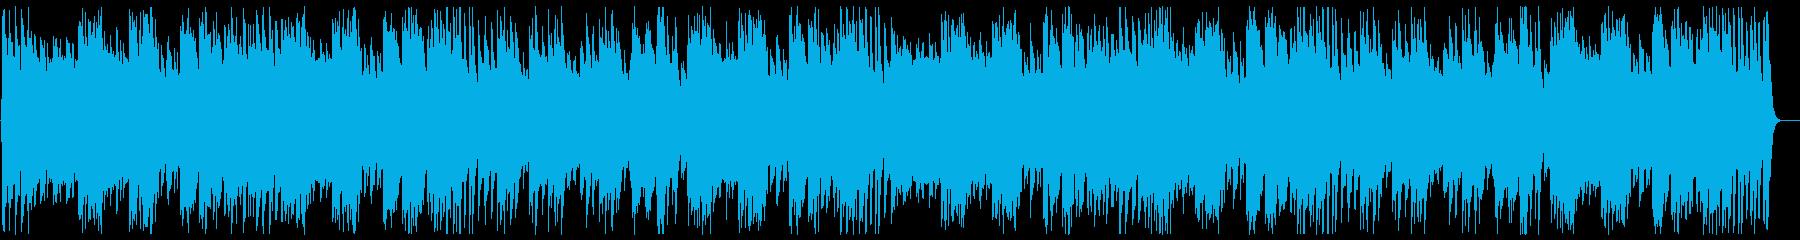 可愛く優しいハンドベルのオルゴールの曲の再生済みの波形